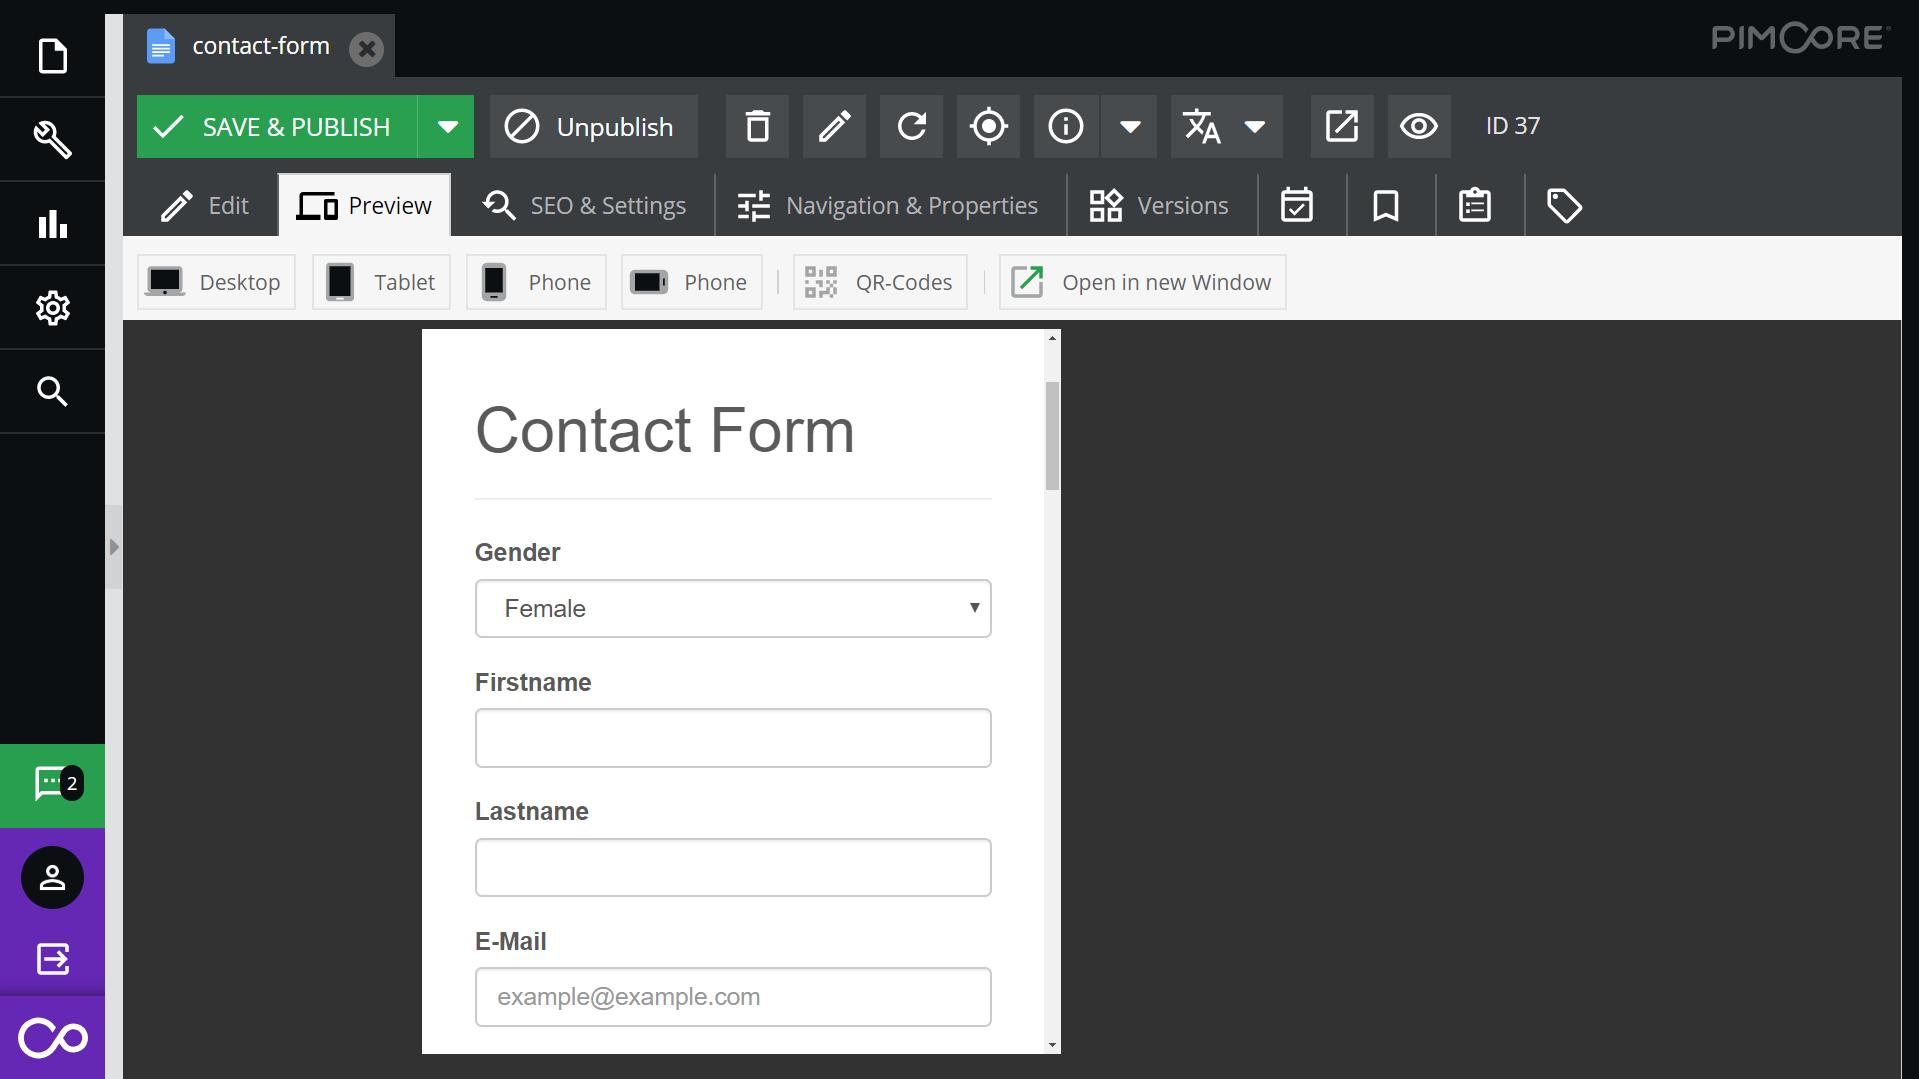 Multichannel Content Management System - Pimcore com